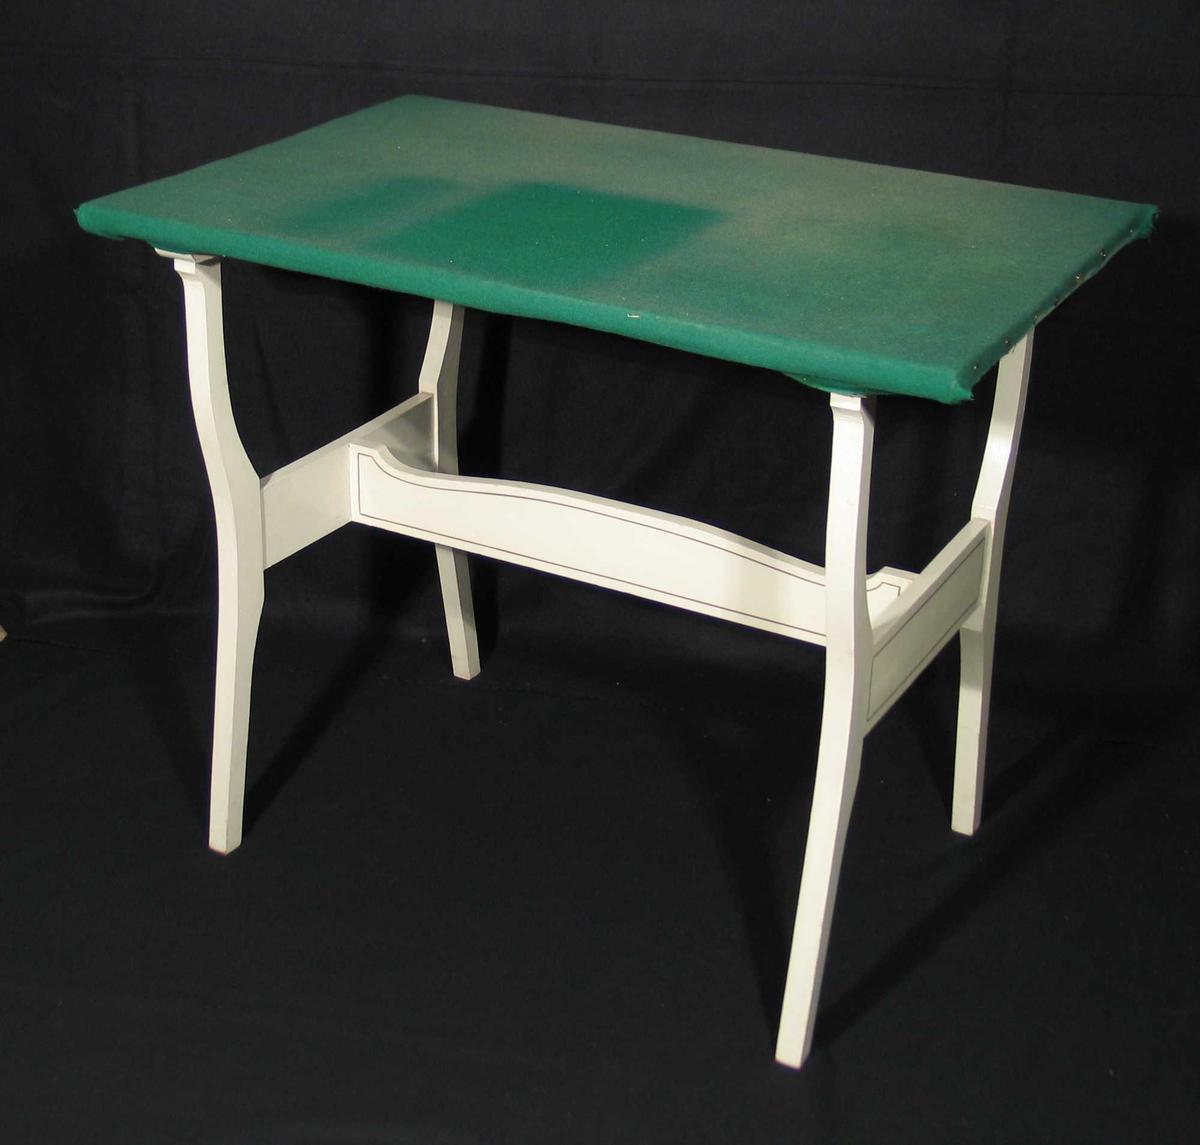 Hvitmalt bord med buede bein, tverrsprosse og strekkfisk. Platen er trukket med grønt ullstoff.